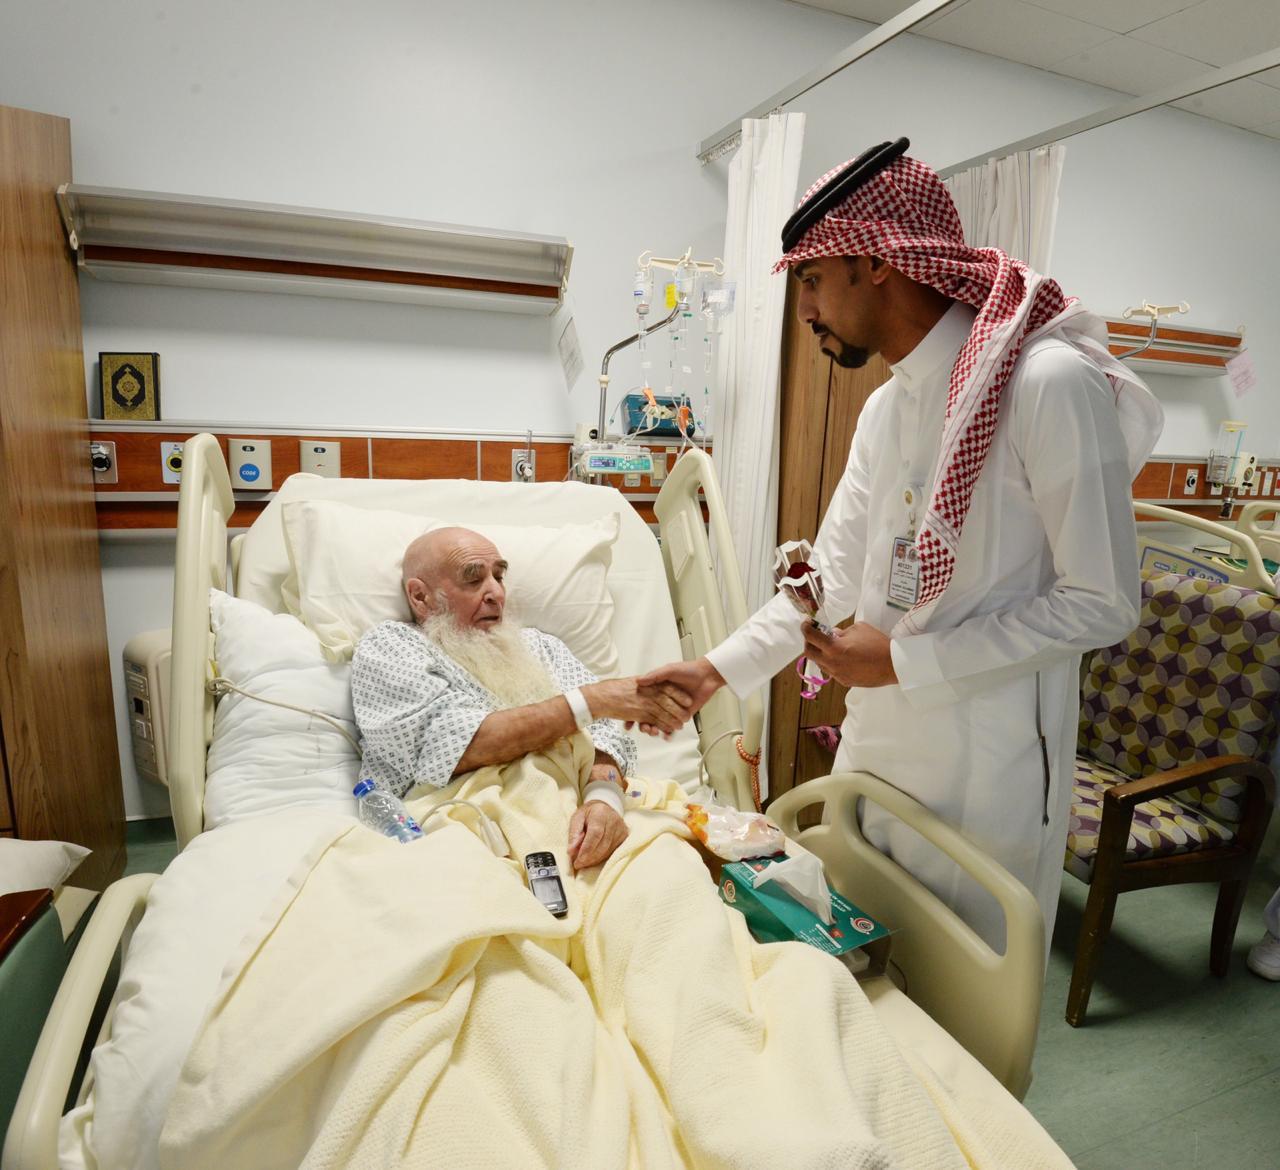 مستشفى الحرس الوطني بالمدينة يعايد المرضى بالورود صحيفة وطن 24